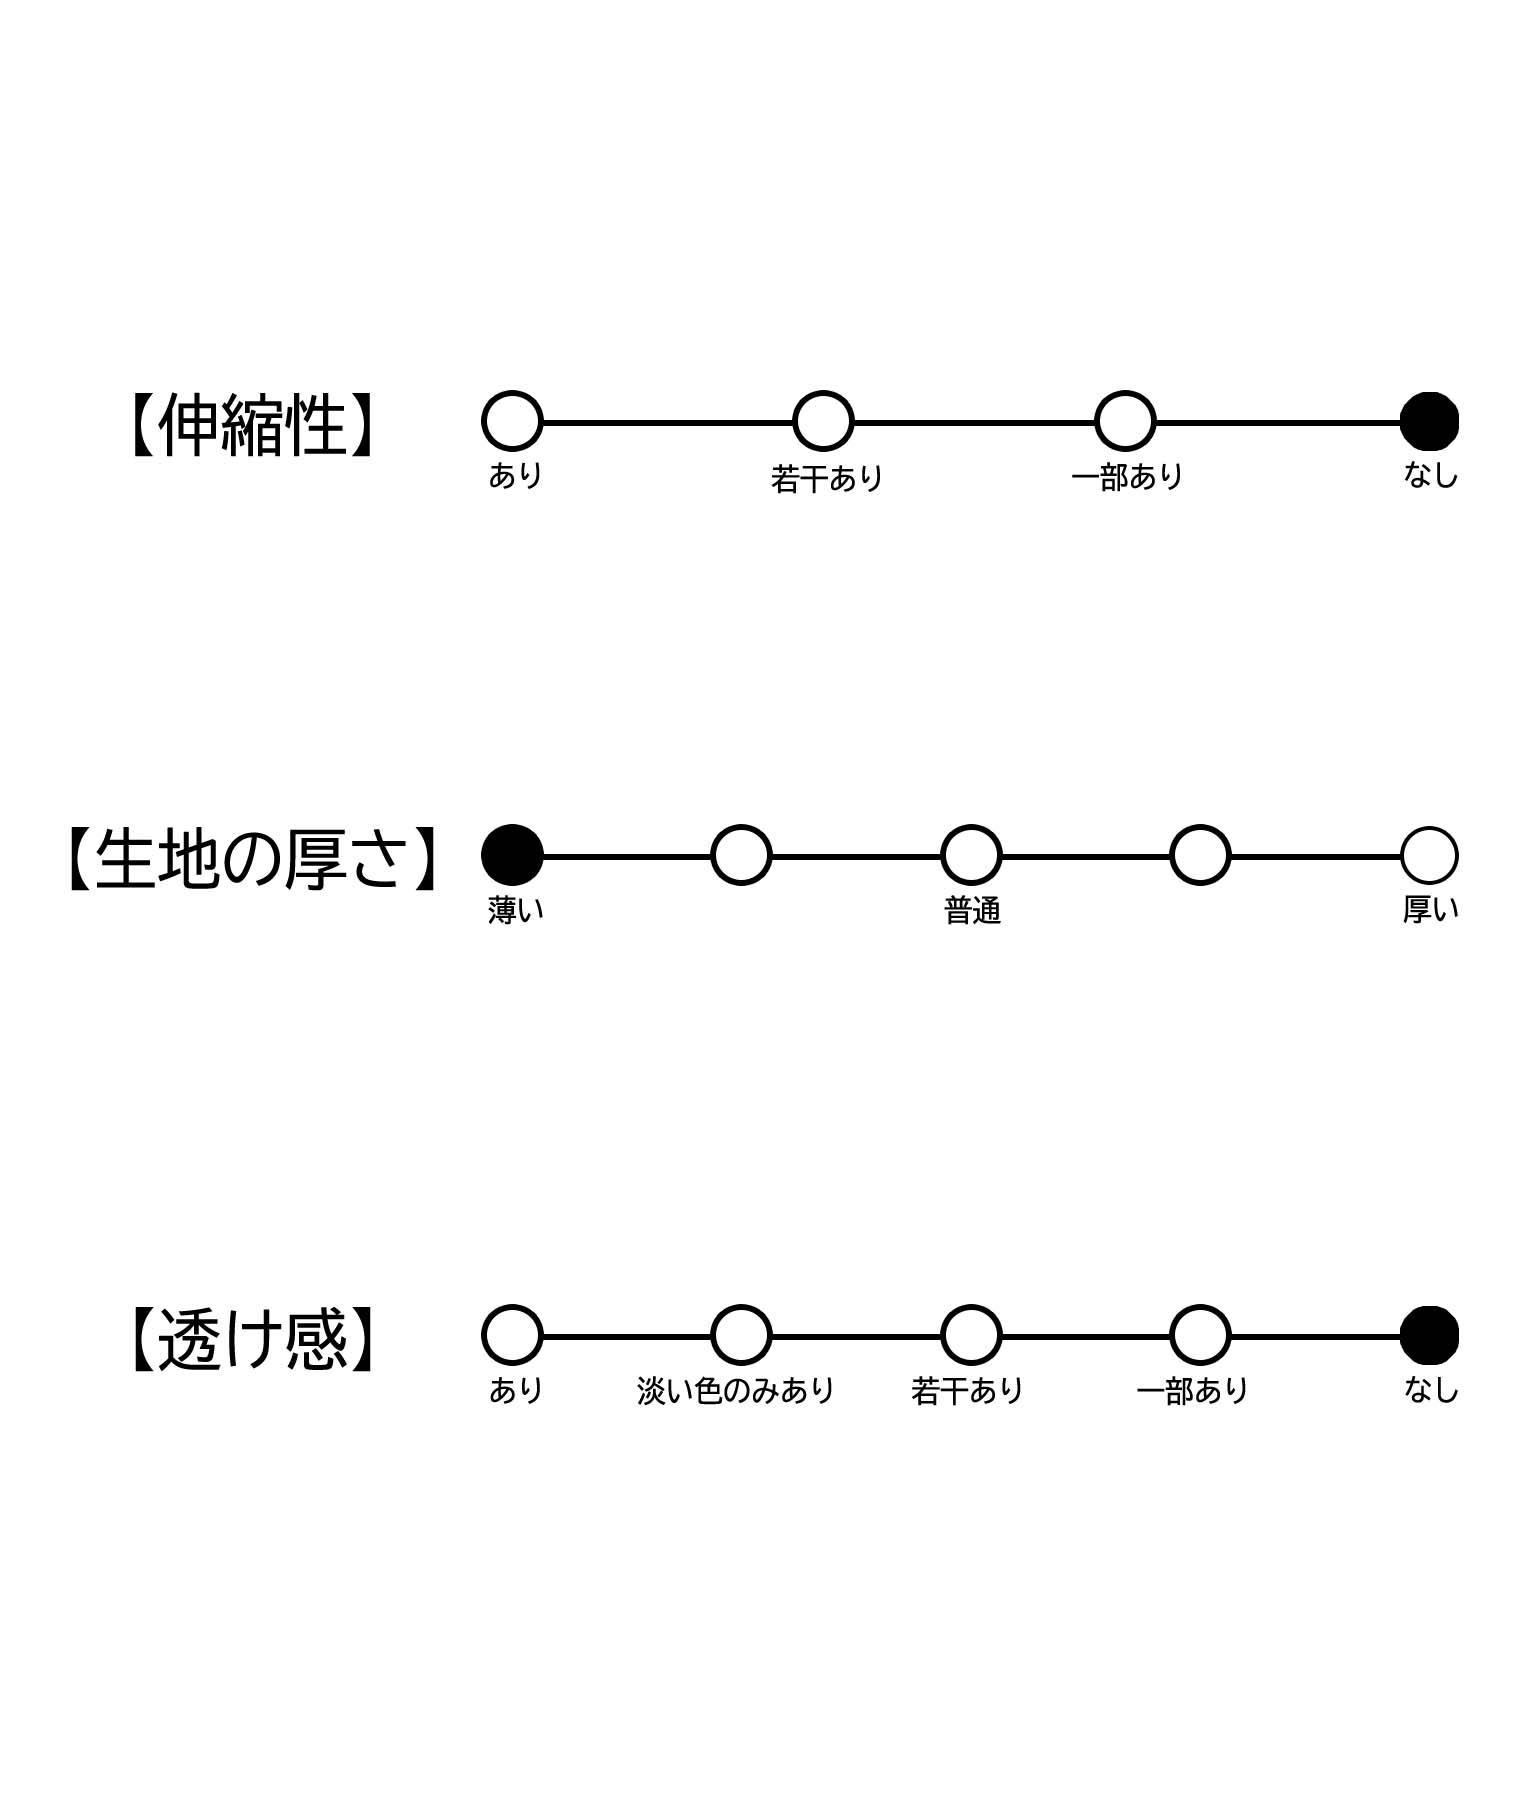 ダルメシアン柄サテンフレアスカート(ボトムス・パンツ /スカート) | CHILLE